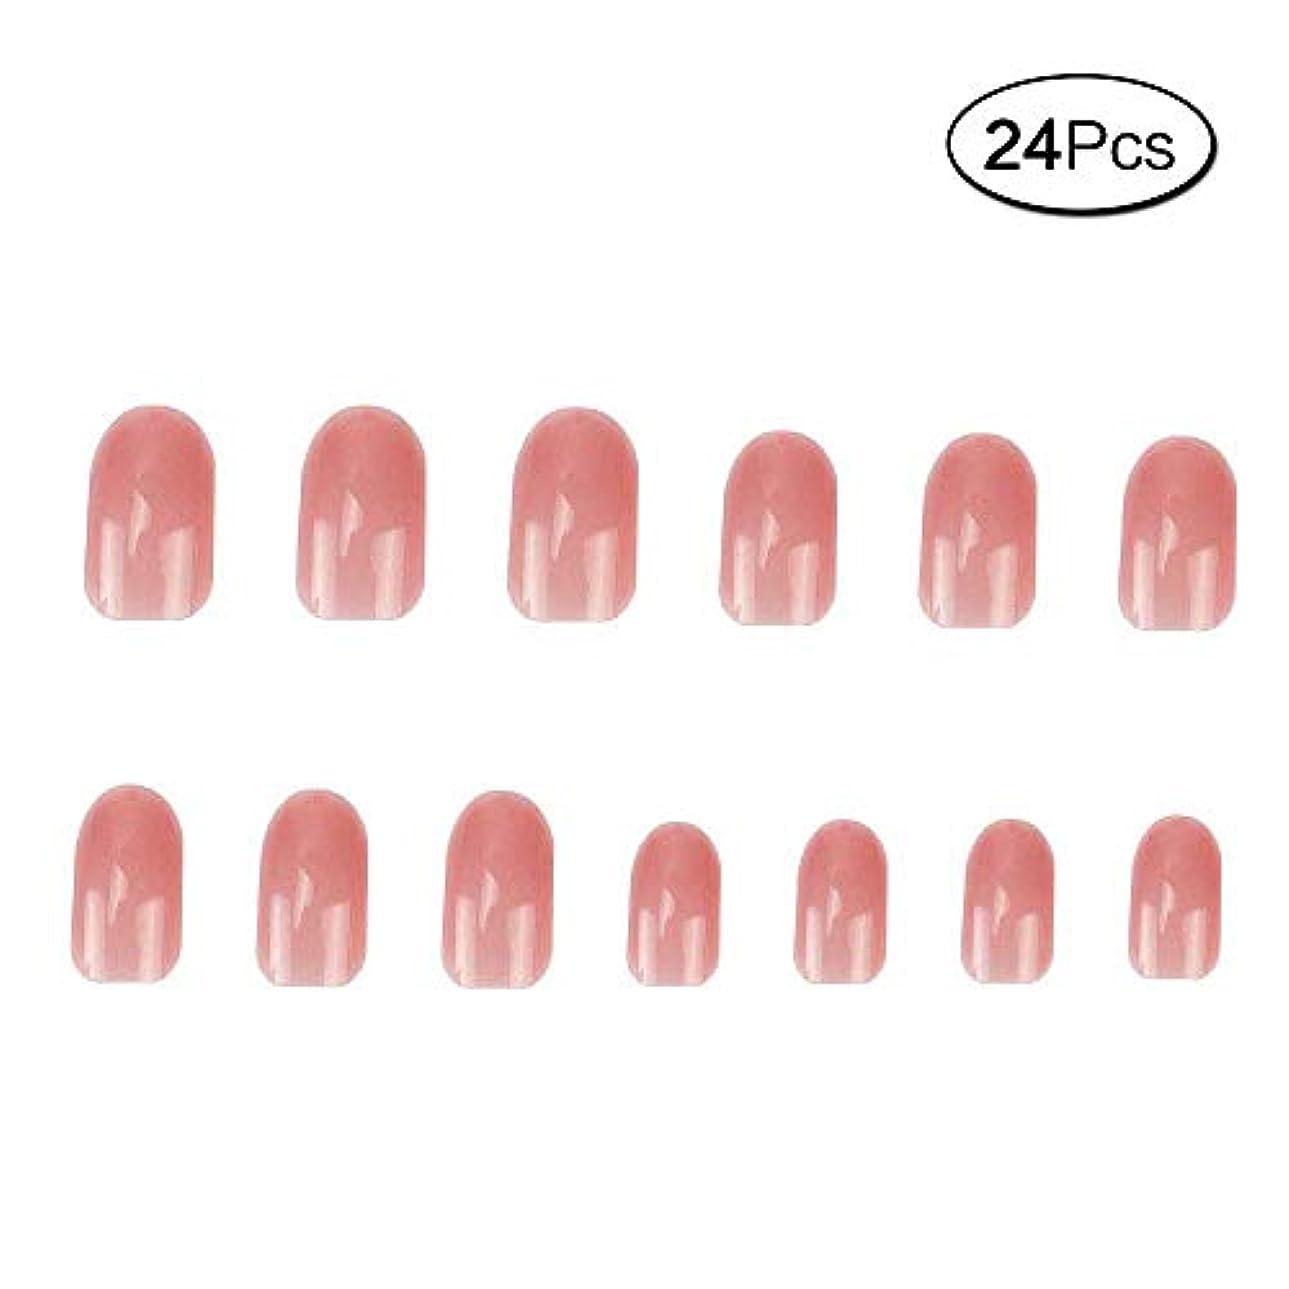 ばかげているナット本24 個 ネイルチップ 夏の 無地 透明 ゼリー ピンク 可愛い ウェディング ブライダル